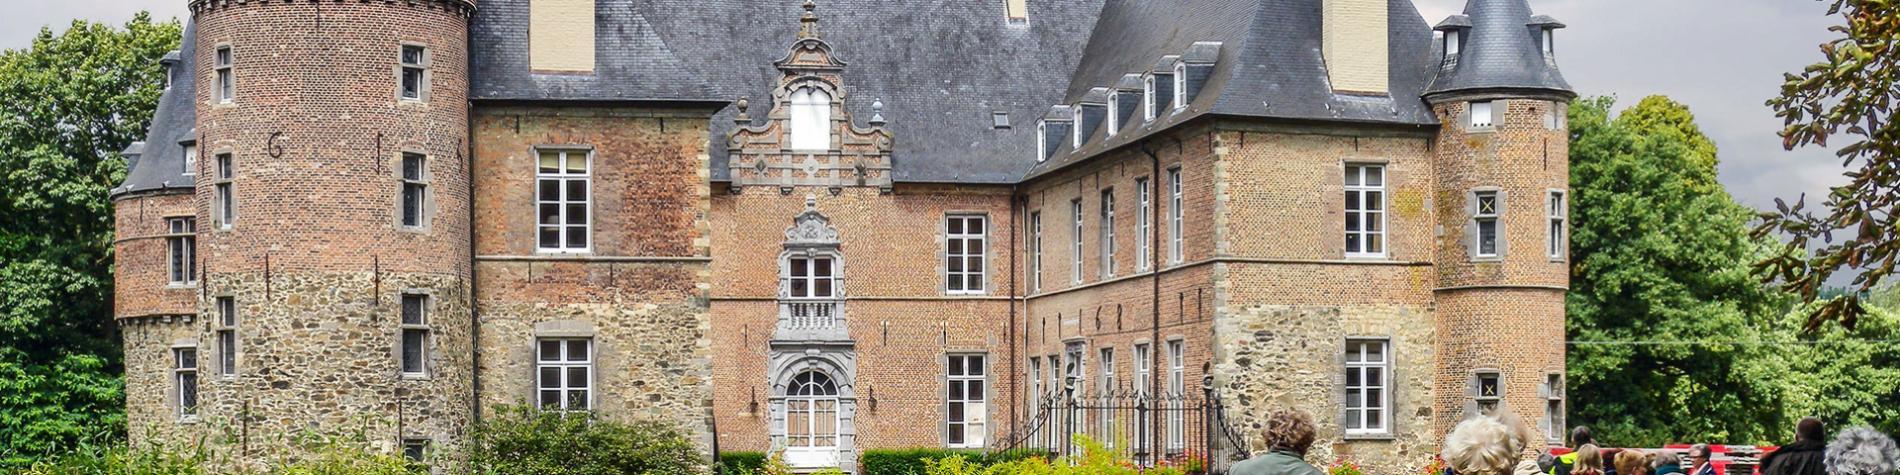 Château - Braine-le-château - forteresse - Seigneurs de Trazegnies